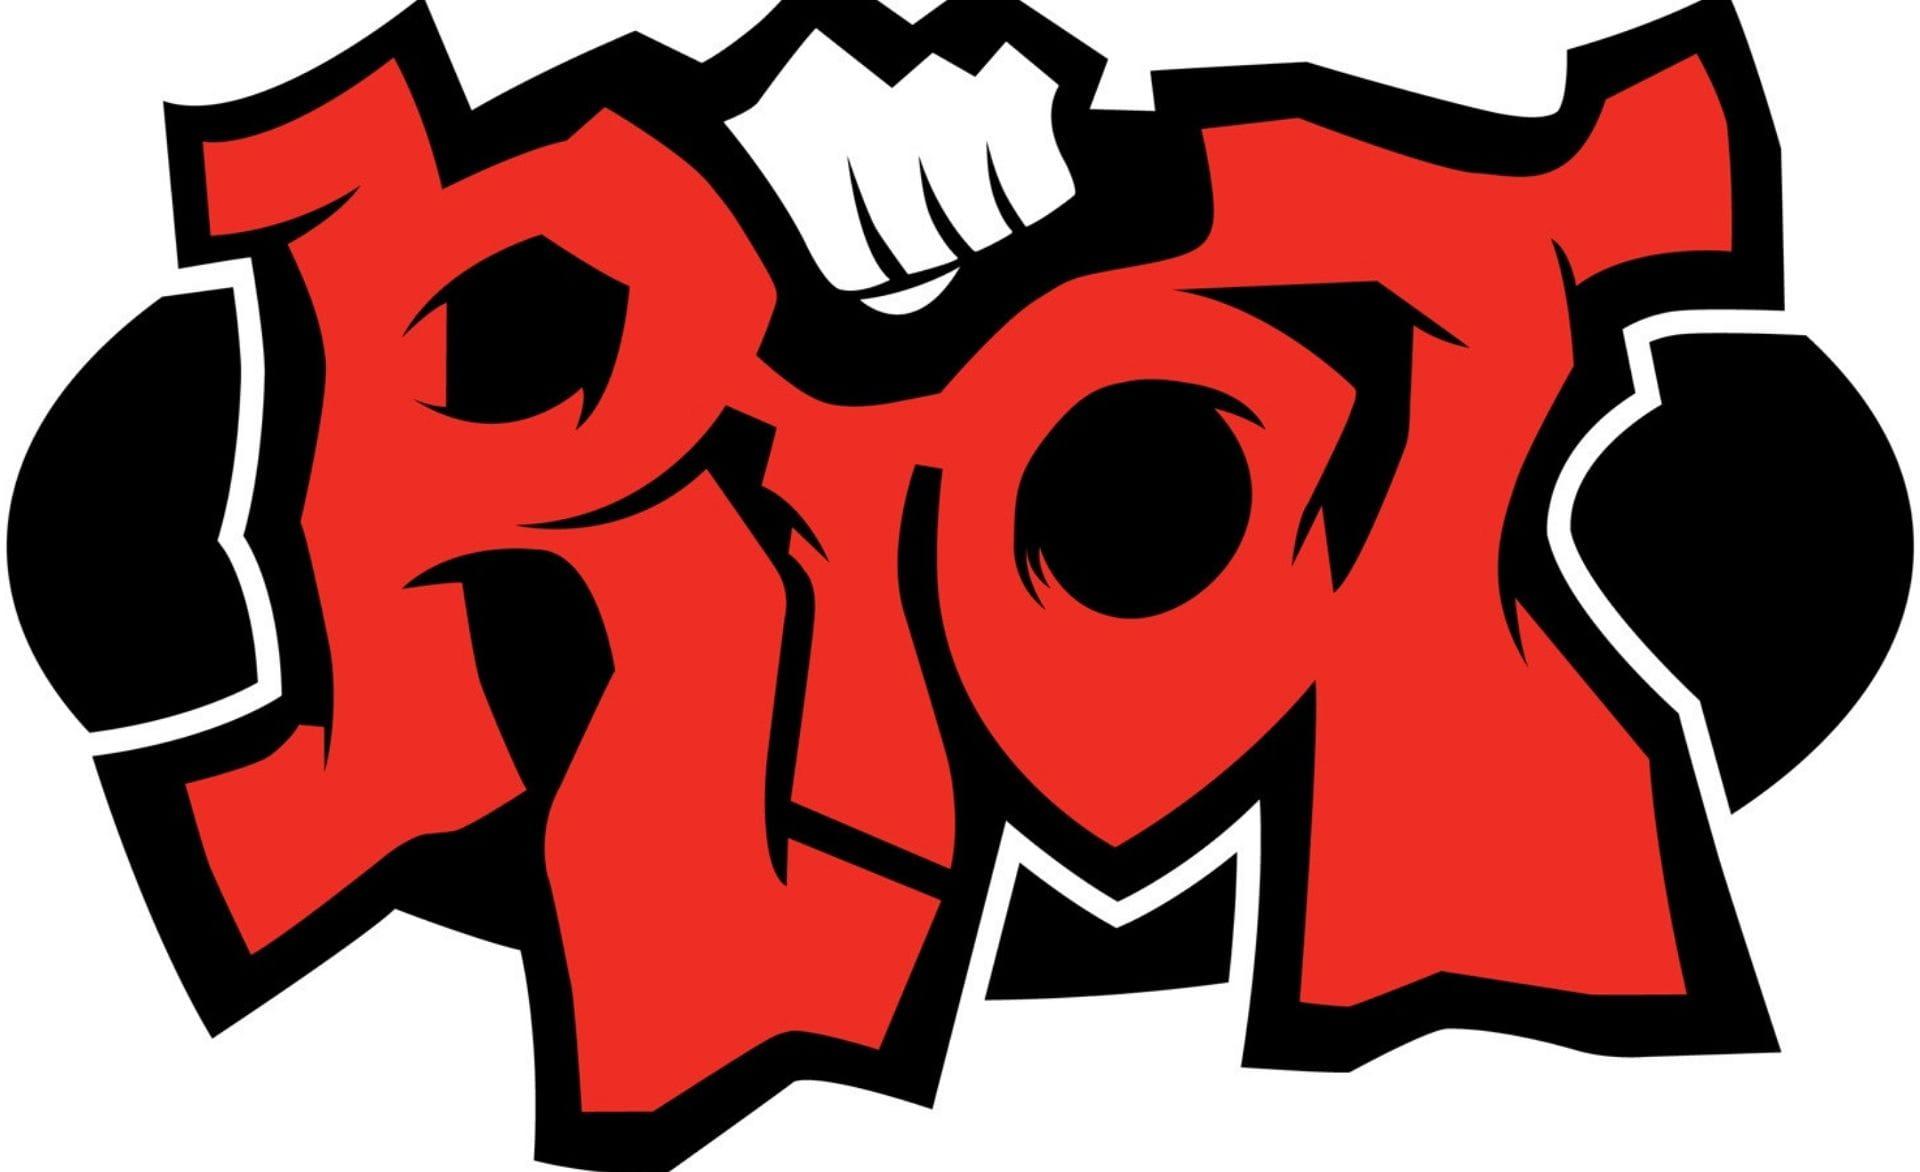 CCXP | Riot Games anuncia participação em evento